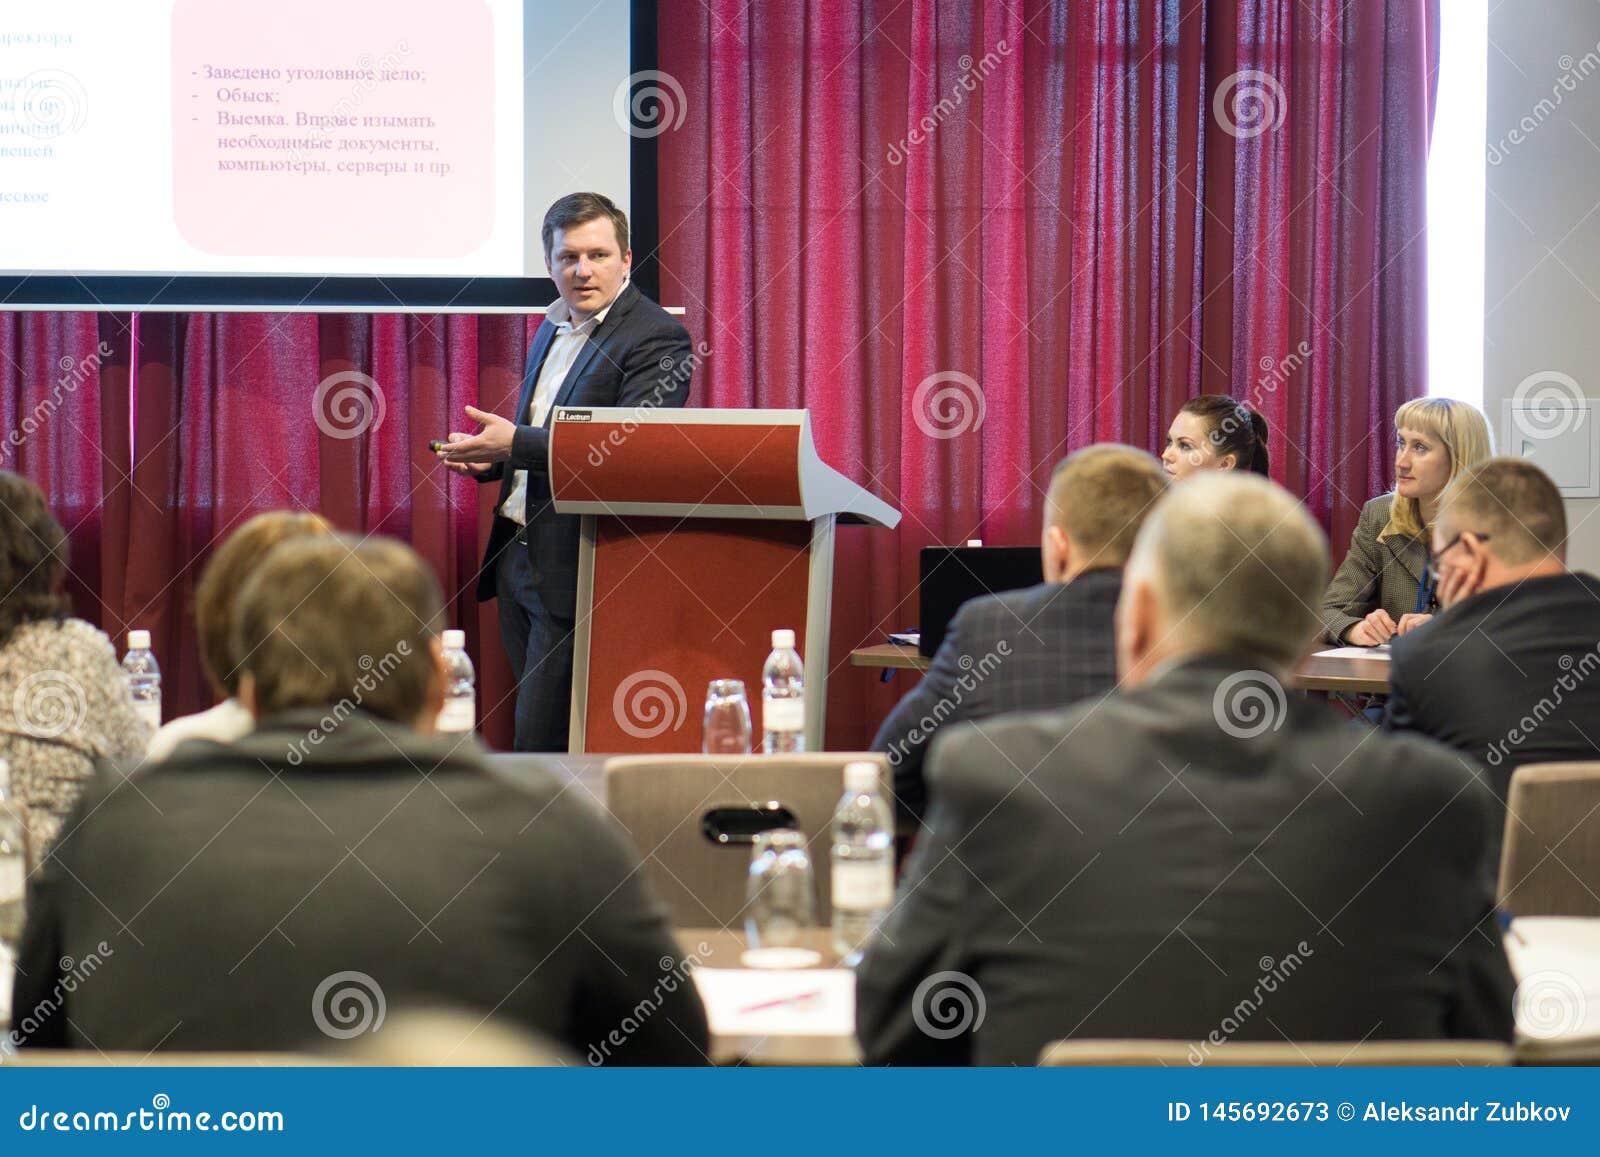 Tyumen, Rusia, 02 21 2017 Un hombre hace un informe en una conferencia delante de una audiencia